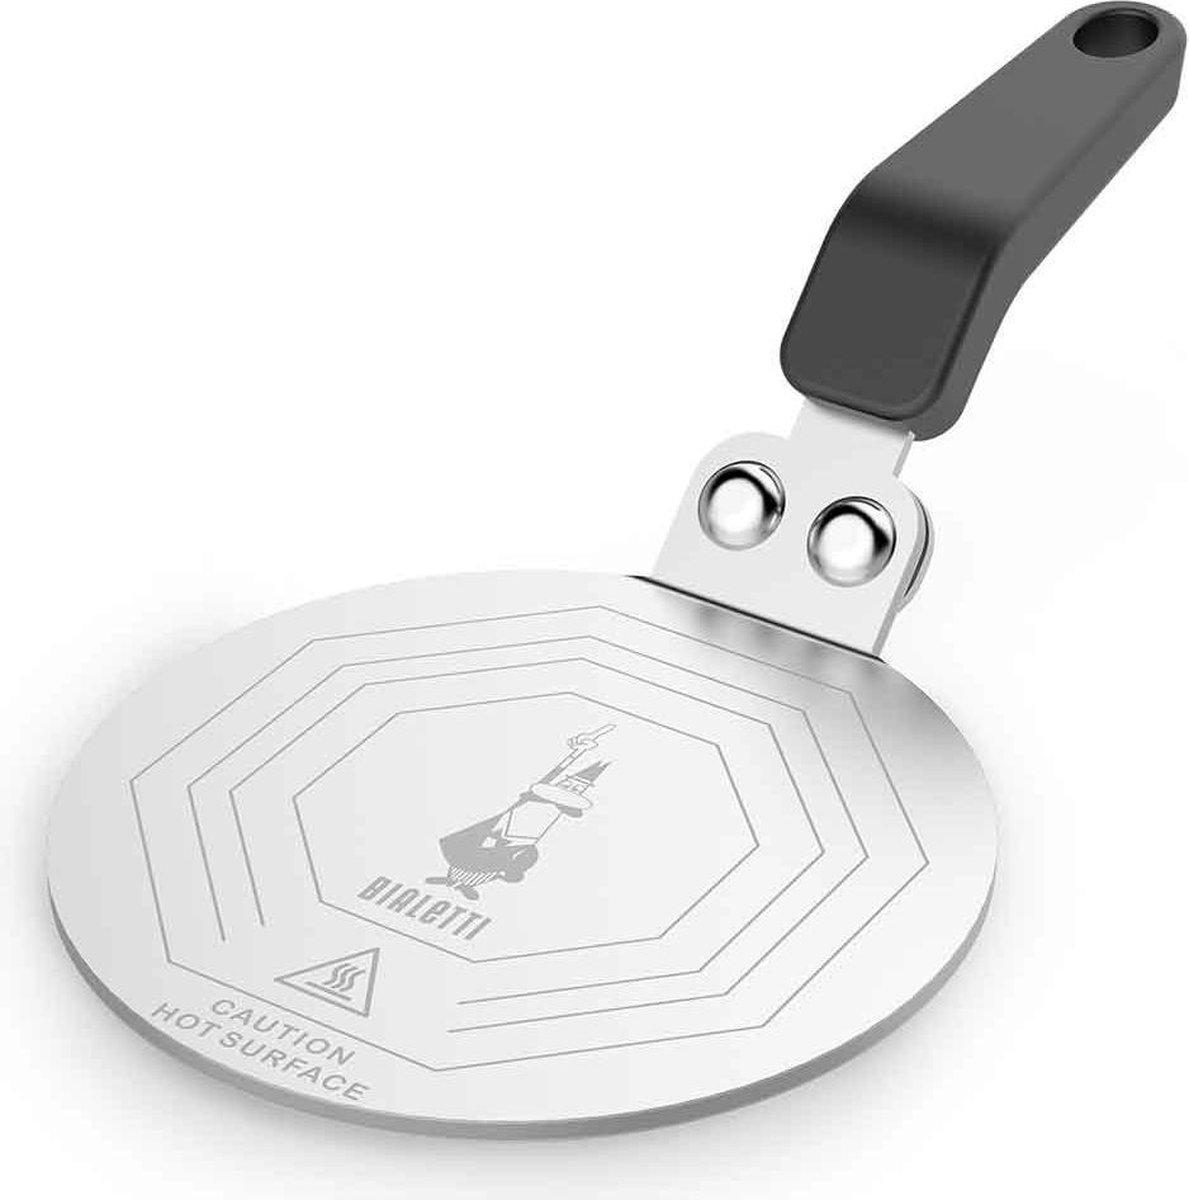 Bialetti inductieplaatje voor inductiekooplaat -  13cm